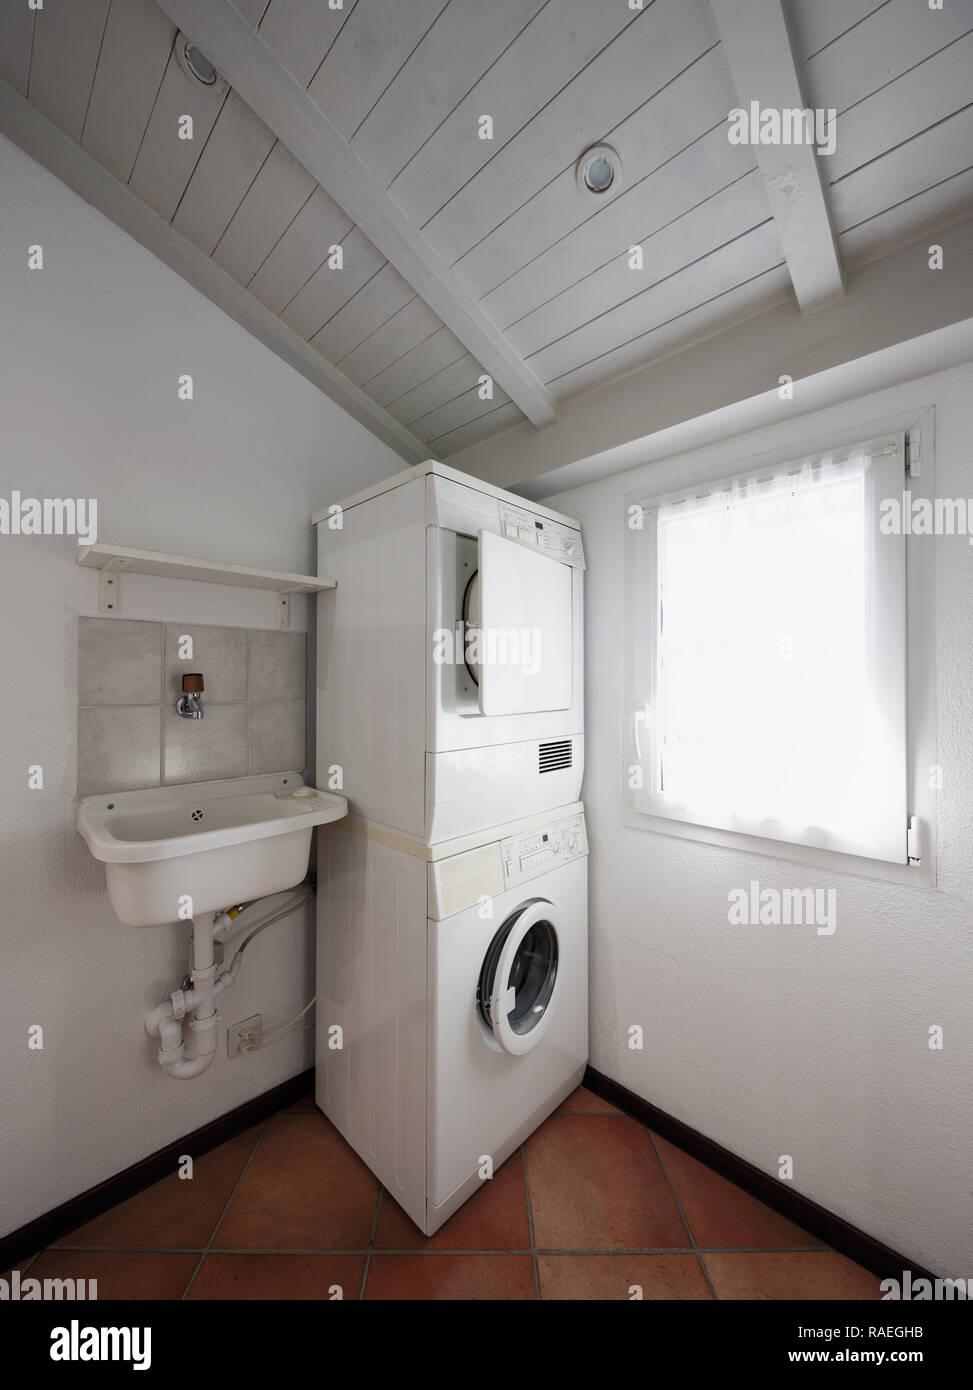 Waschküche Mit Waschmaschine Und Trockner übereinander Gestapelt